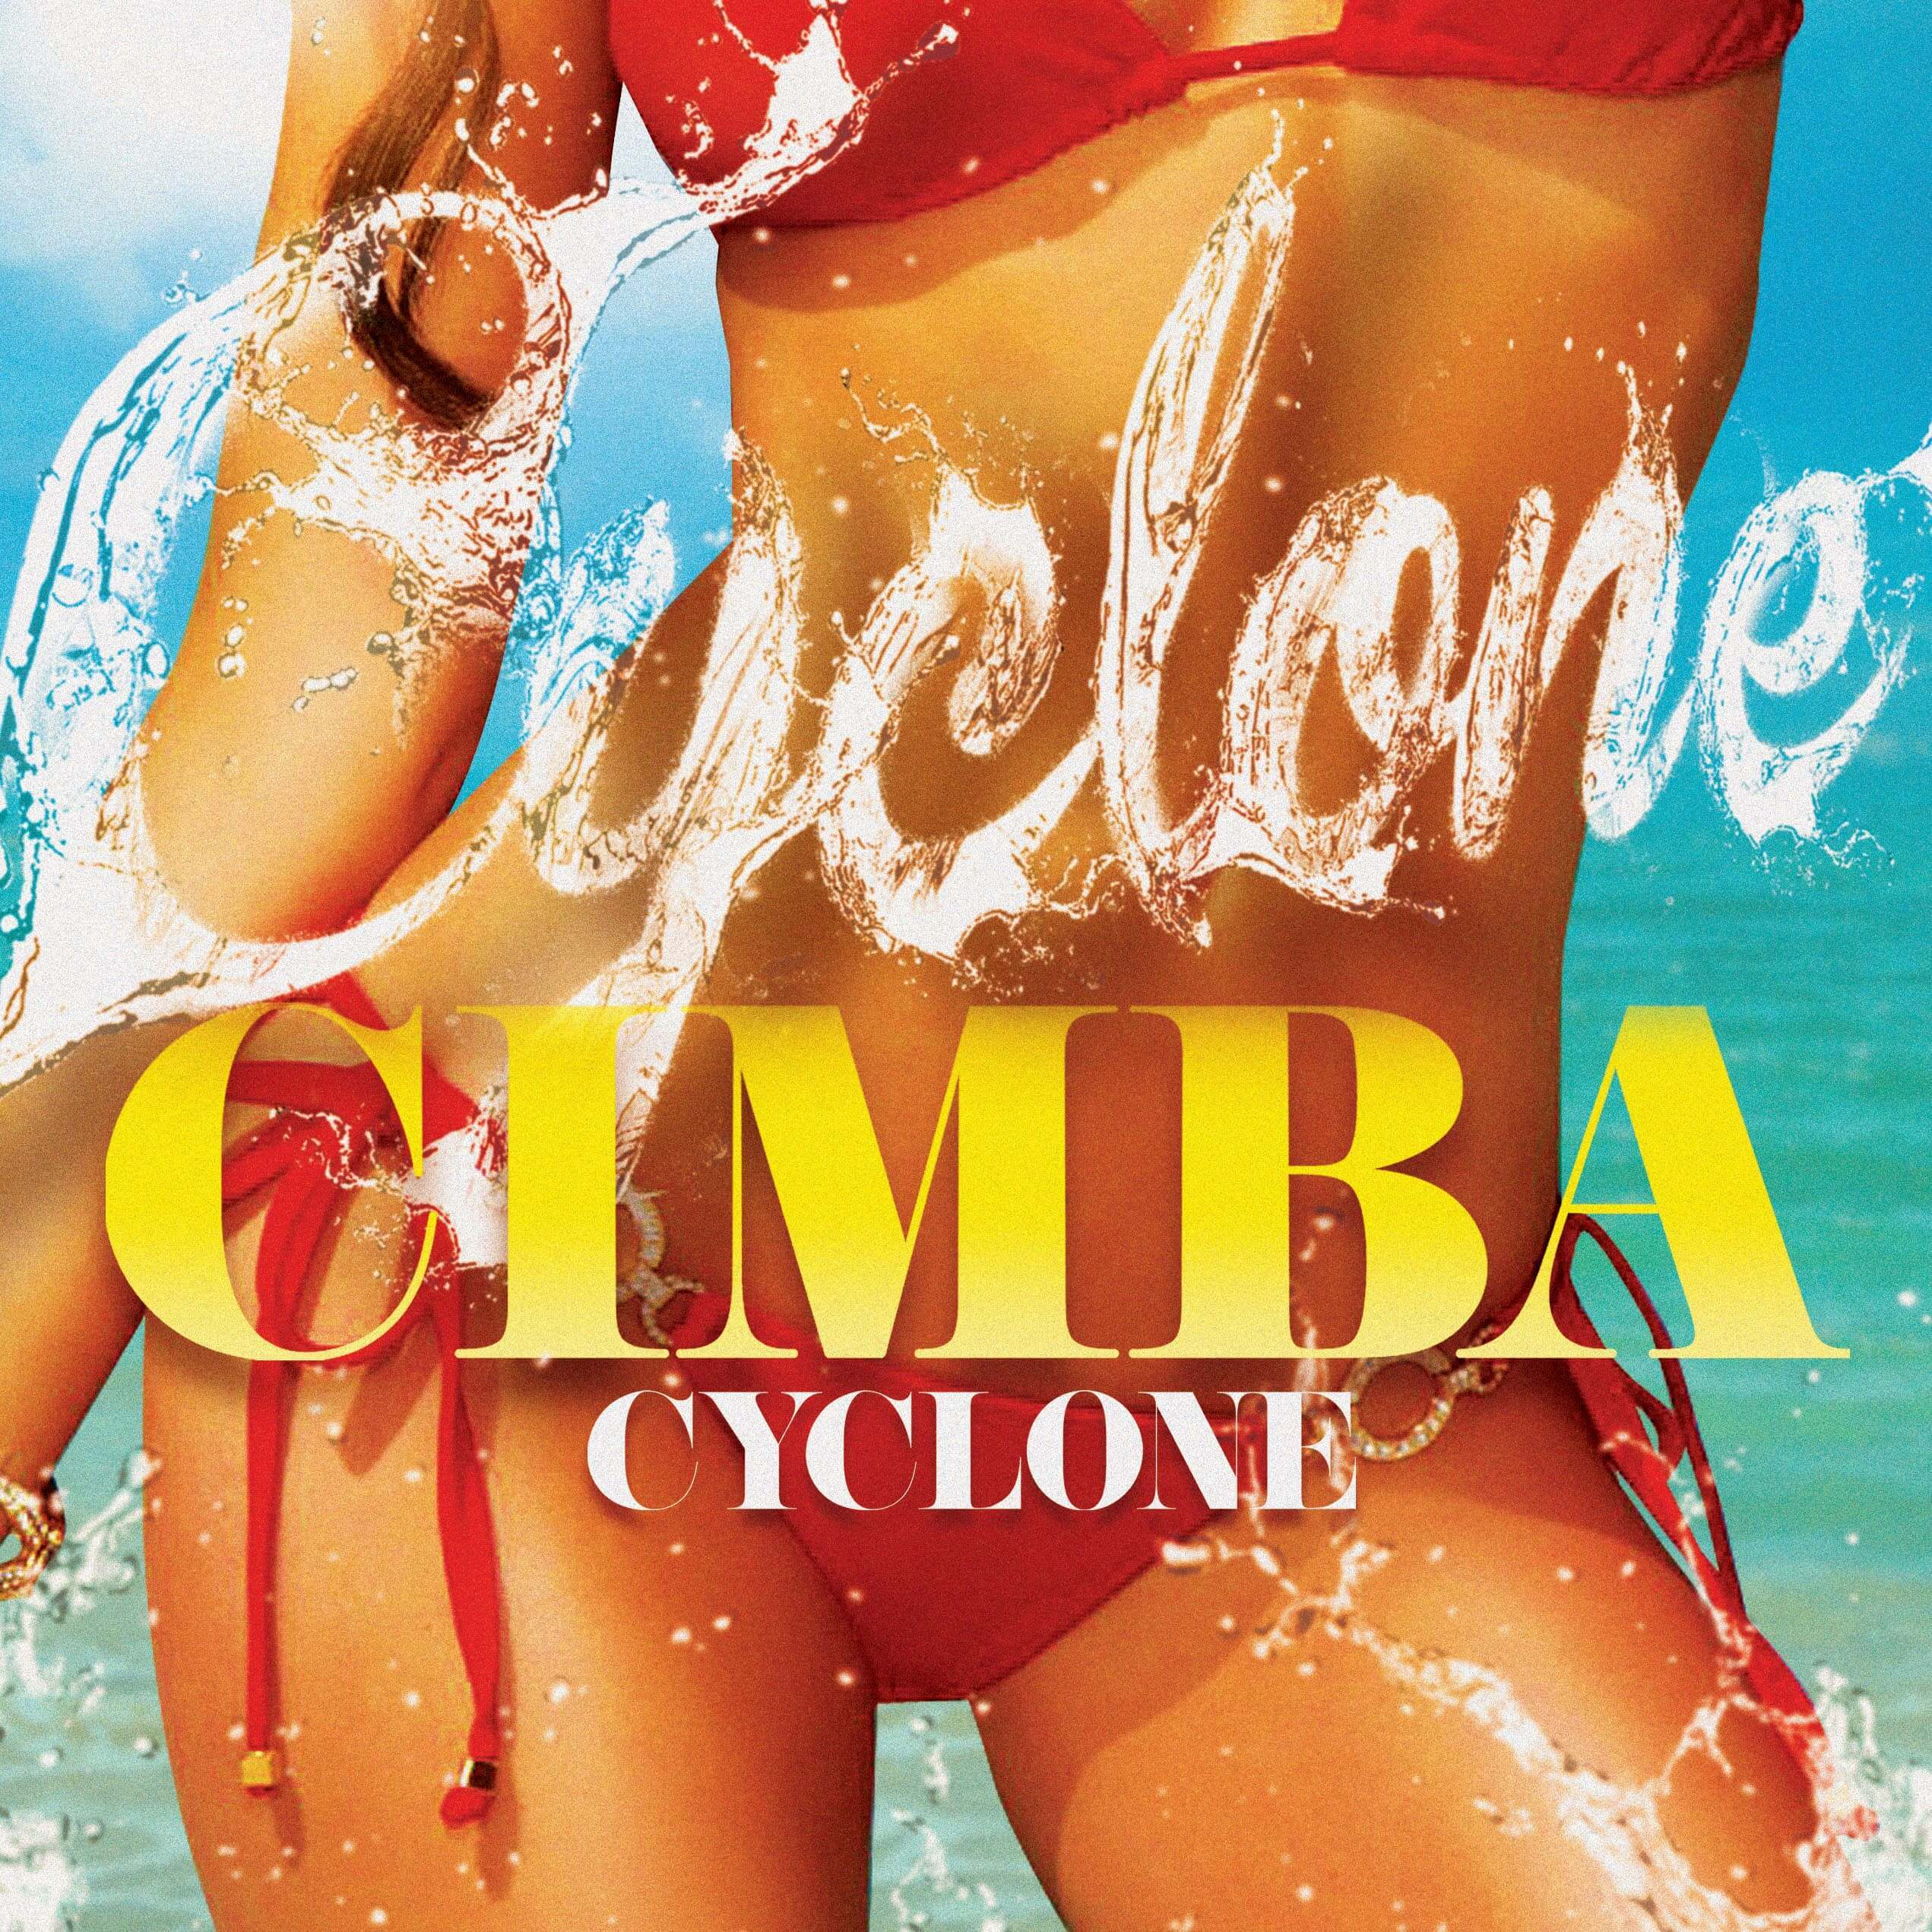 Cimba_cyclone_jaket